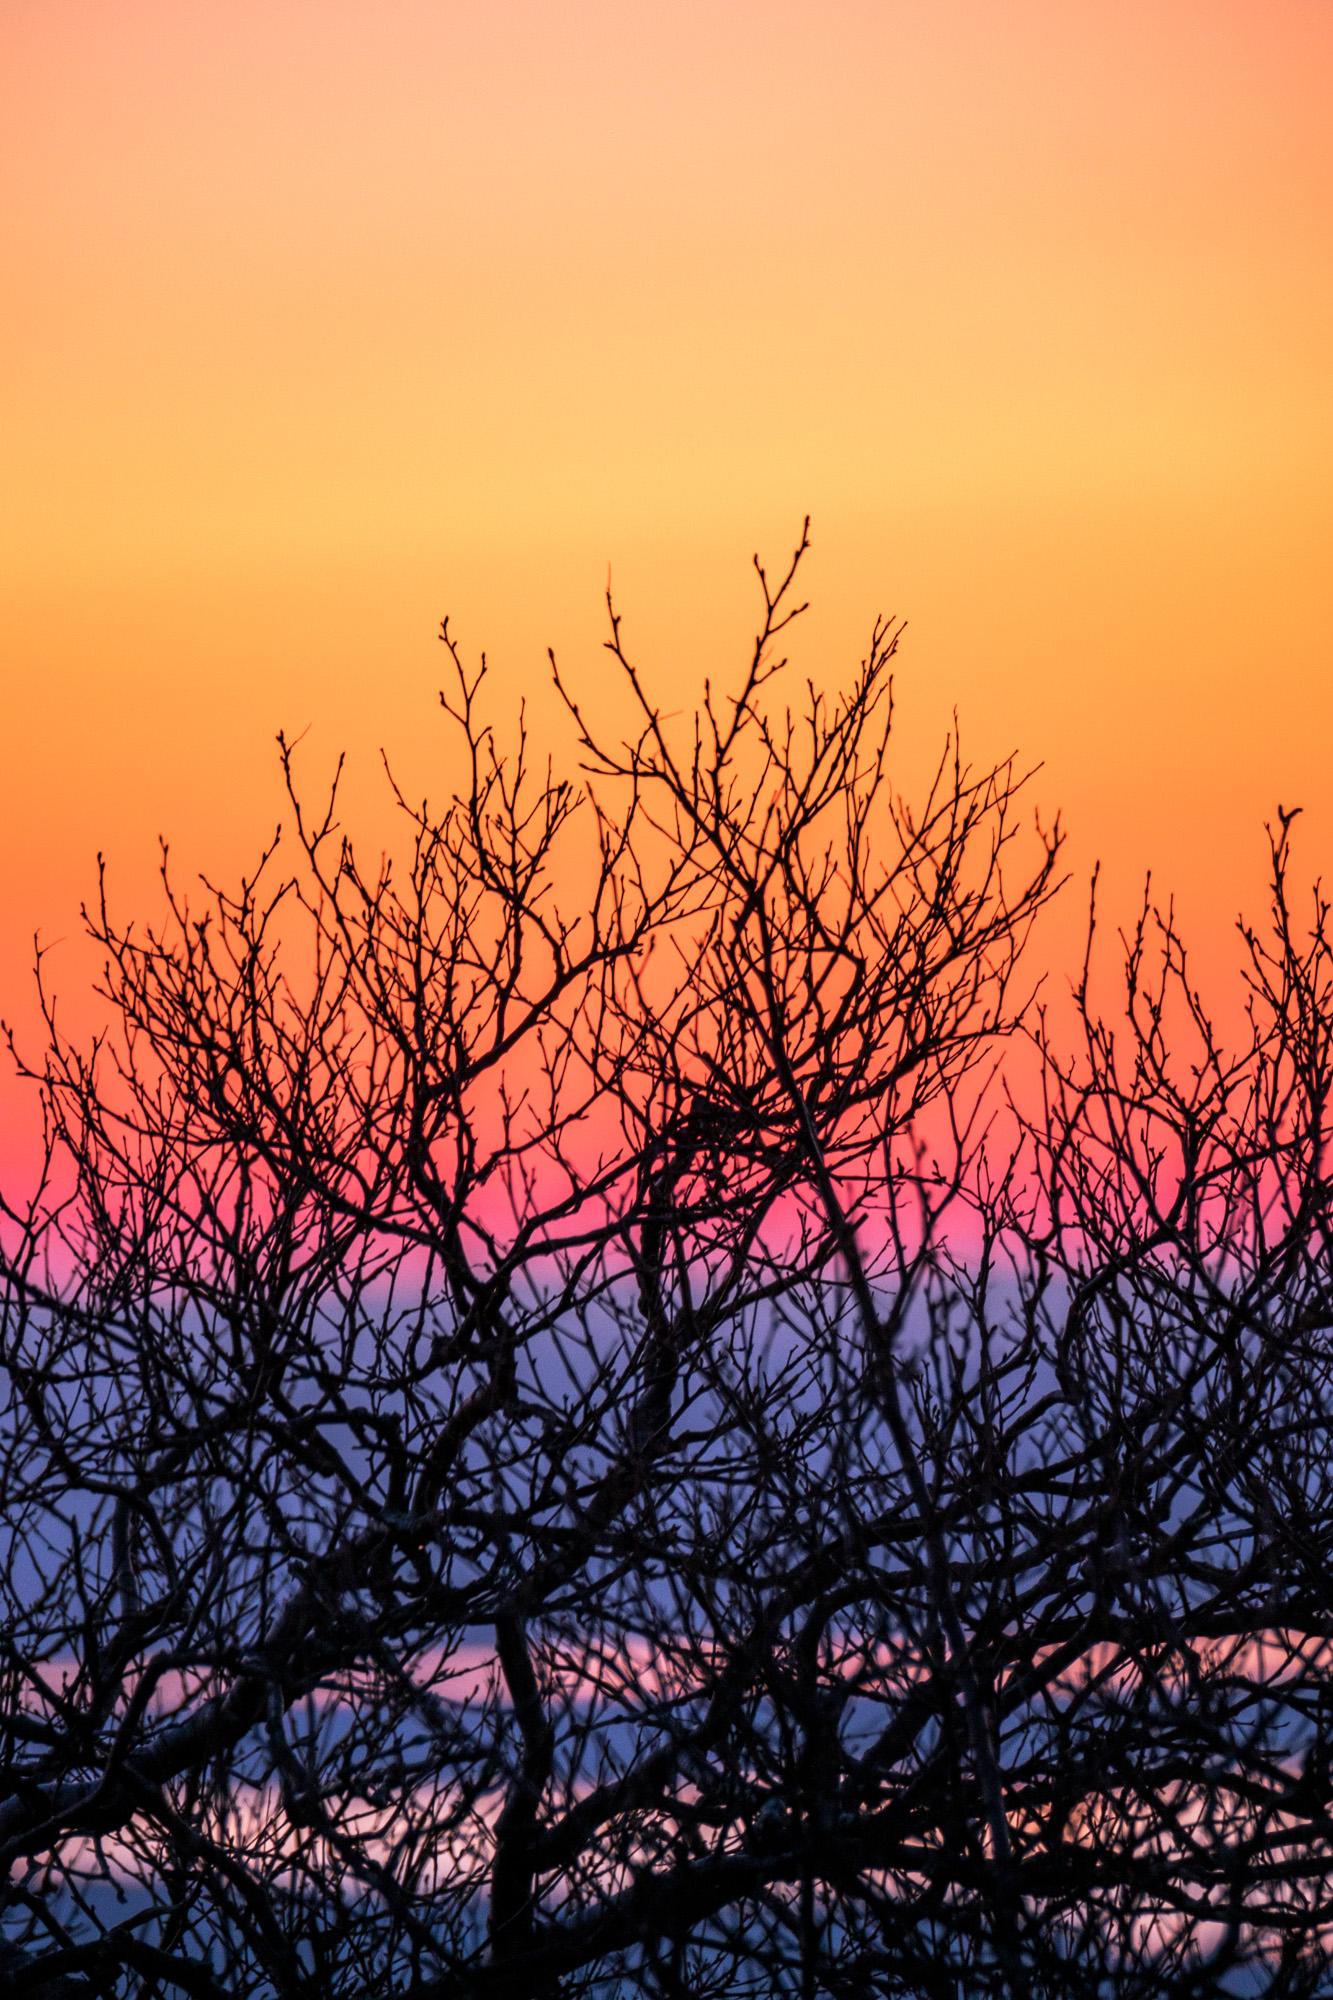 Fun textures in the setting sun.